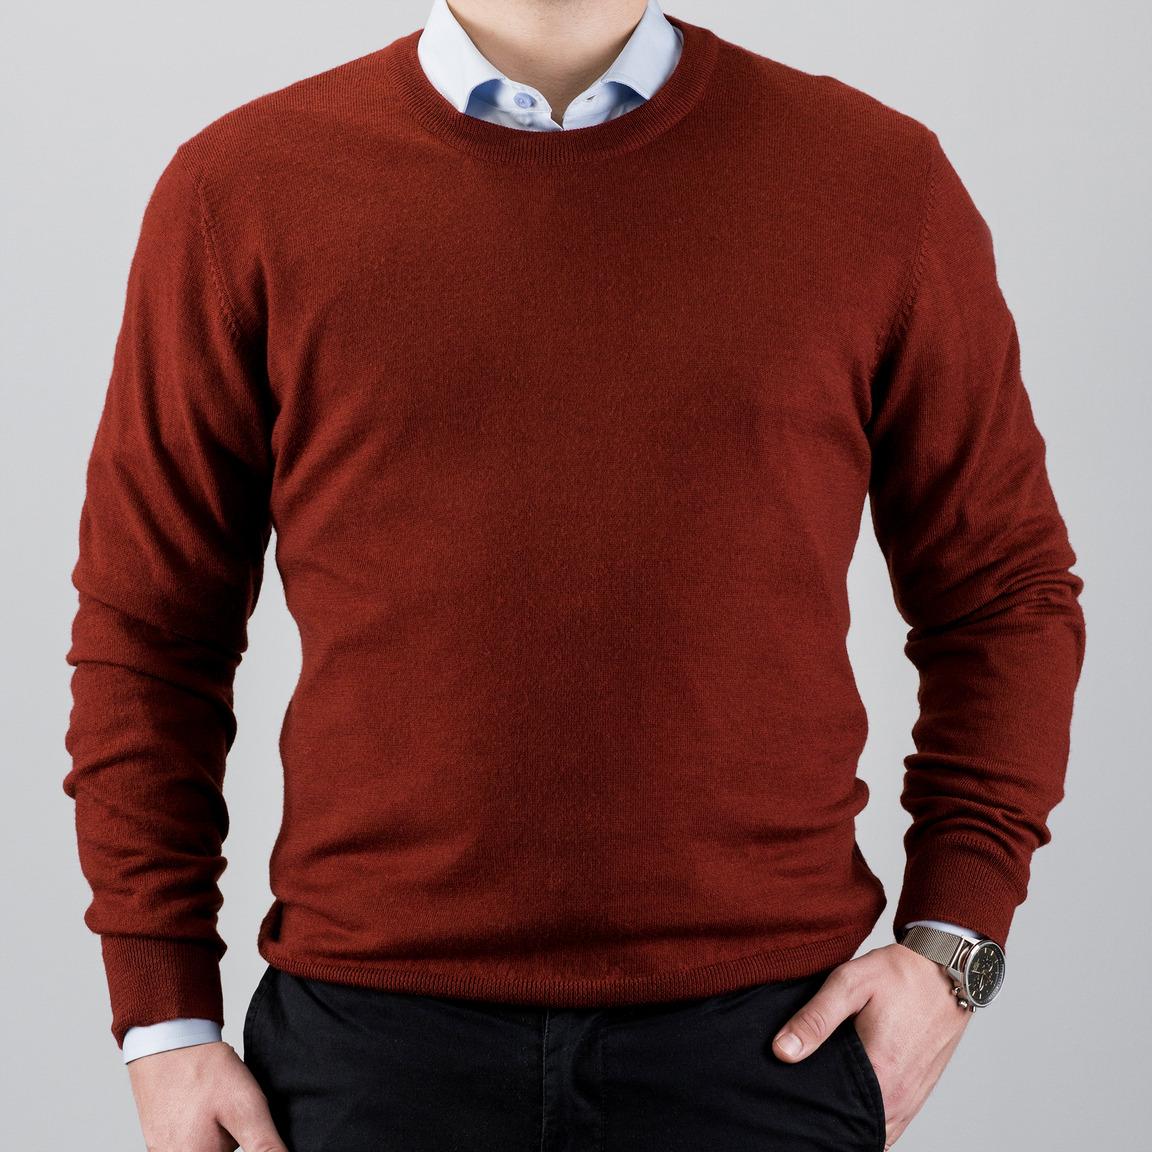 Pullover aus Merinowolle mit rundem Ausschnitt, rot